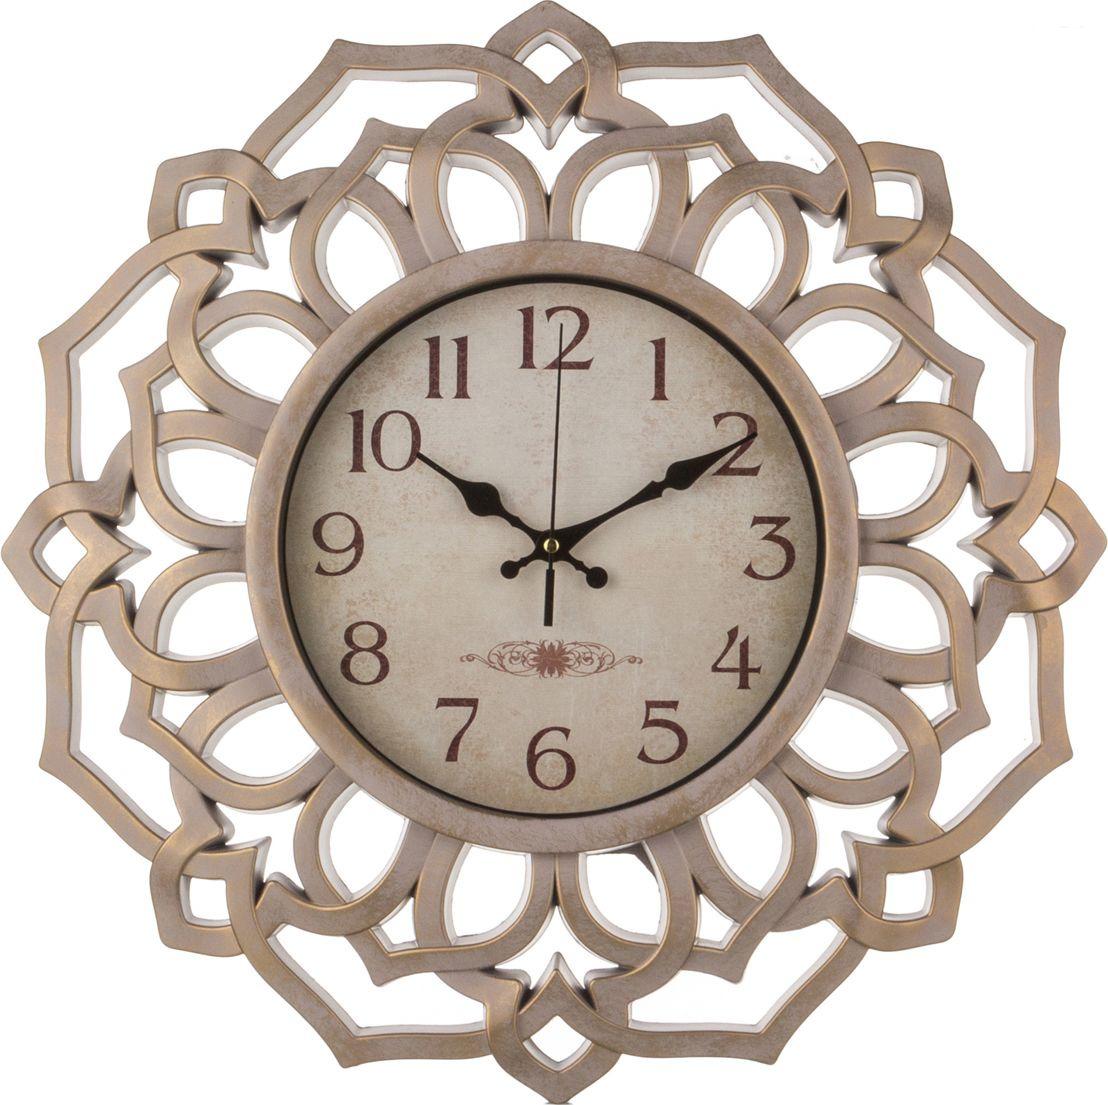 цена Настенные часы Lefard Italian Style, 220-180, 46 х 46 х 4,5 см онлайн в 2017 году